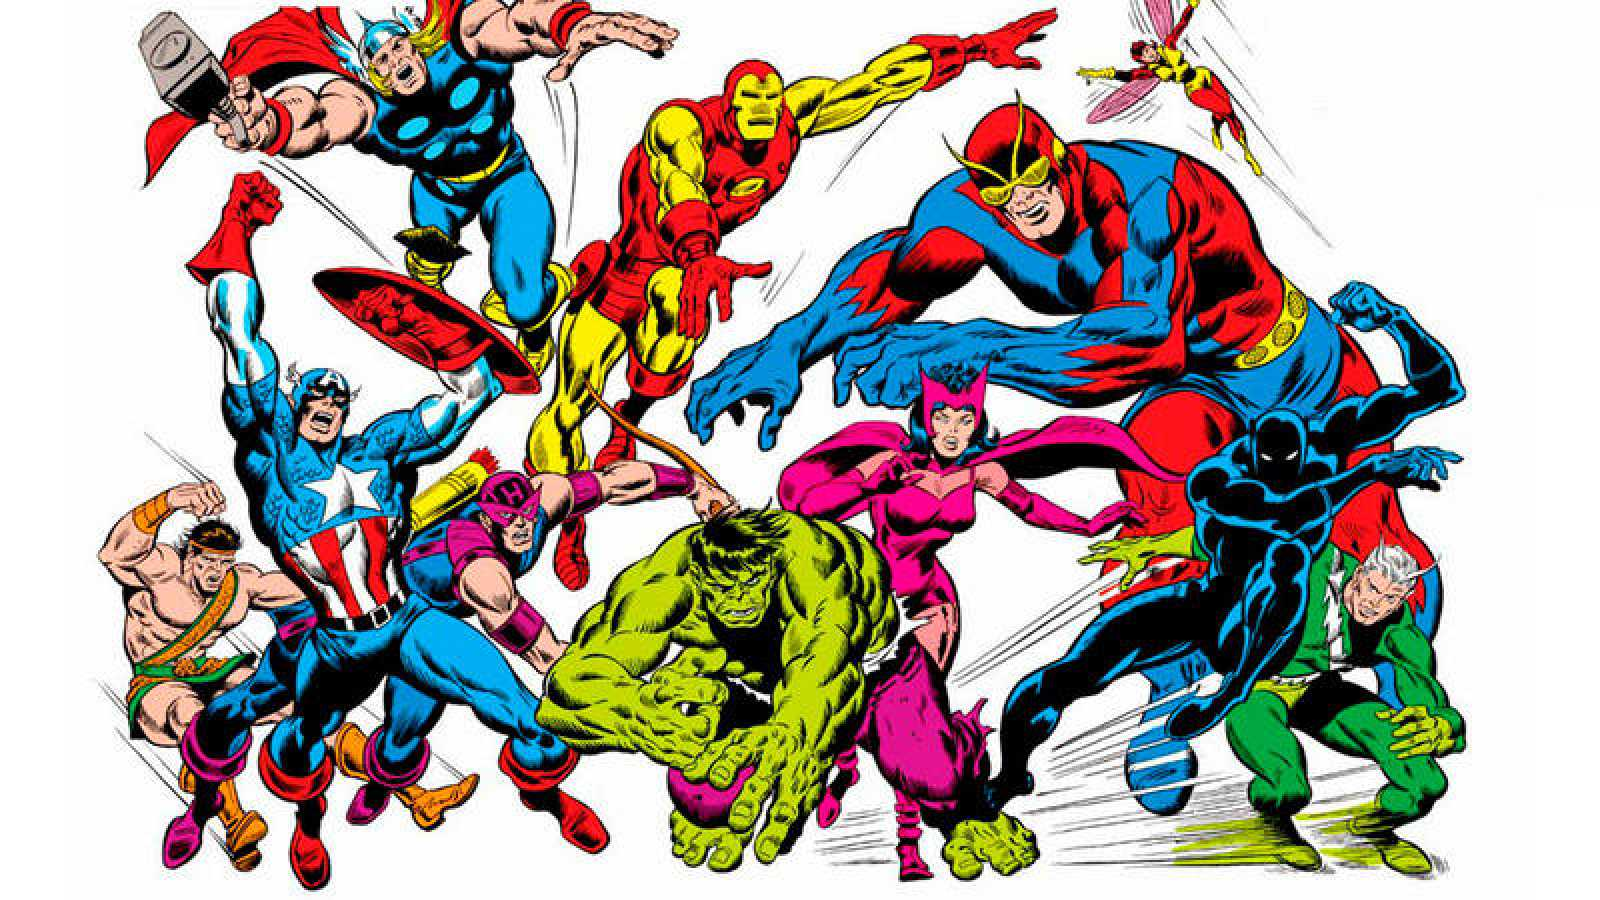 El nacimiento del Universo Marvel - RTVE.es